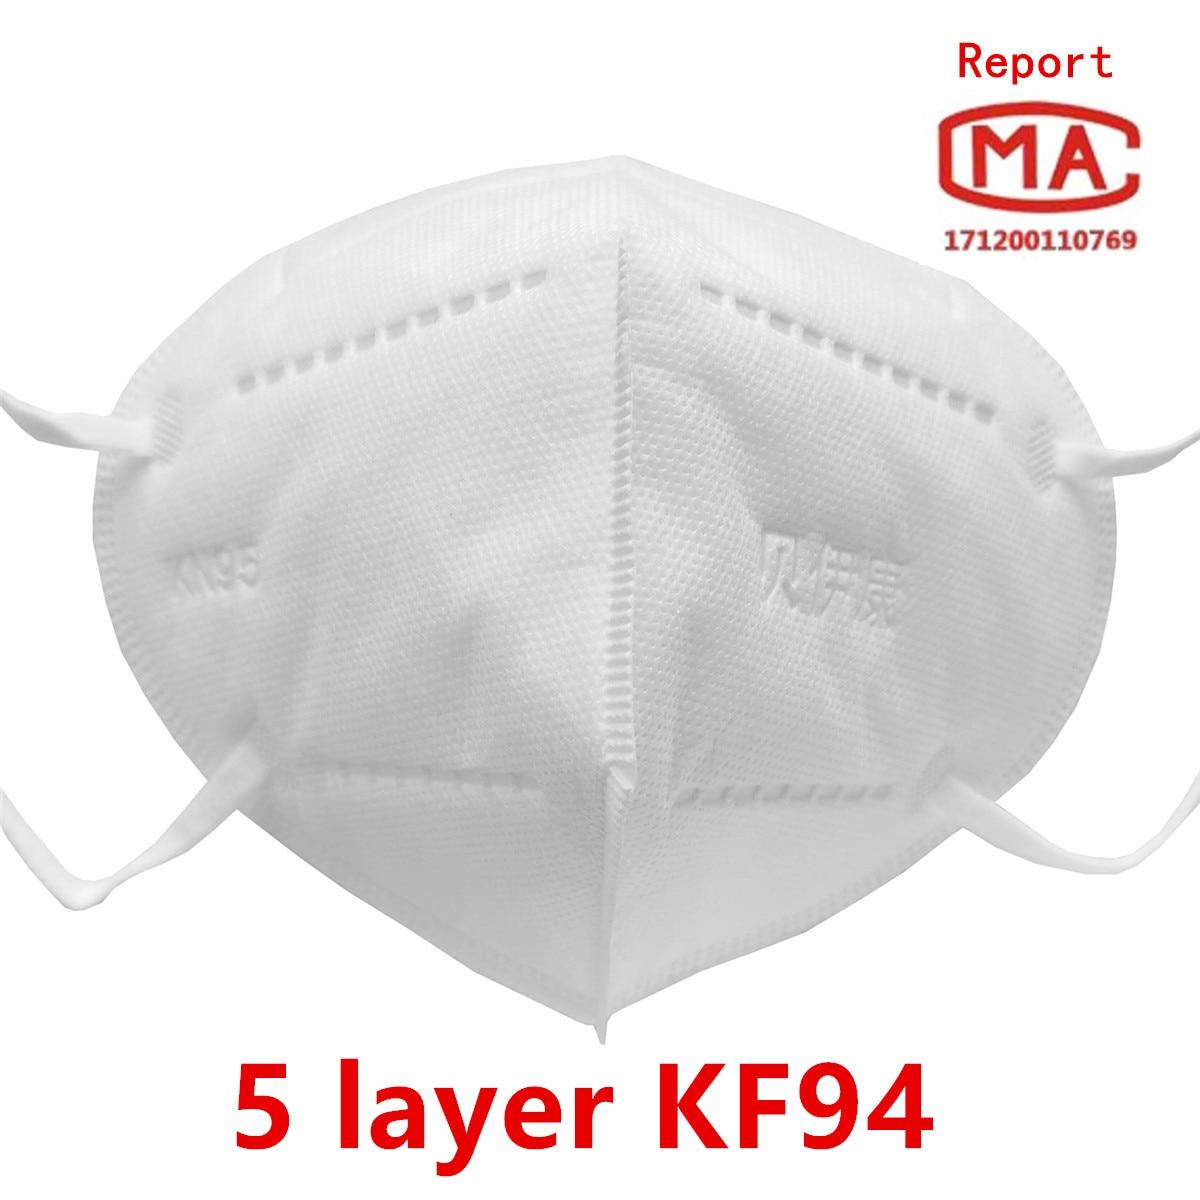 200pcs anti dust mask KN95 N95 KF94 5layer protective mask disposable masks air filter masks antivirus masks PM2.5 n95 mask